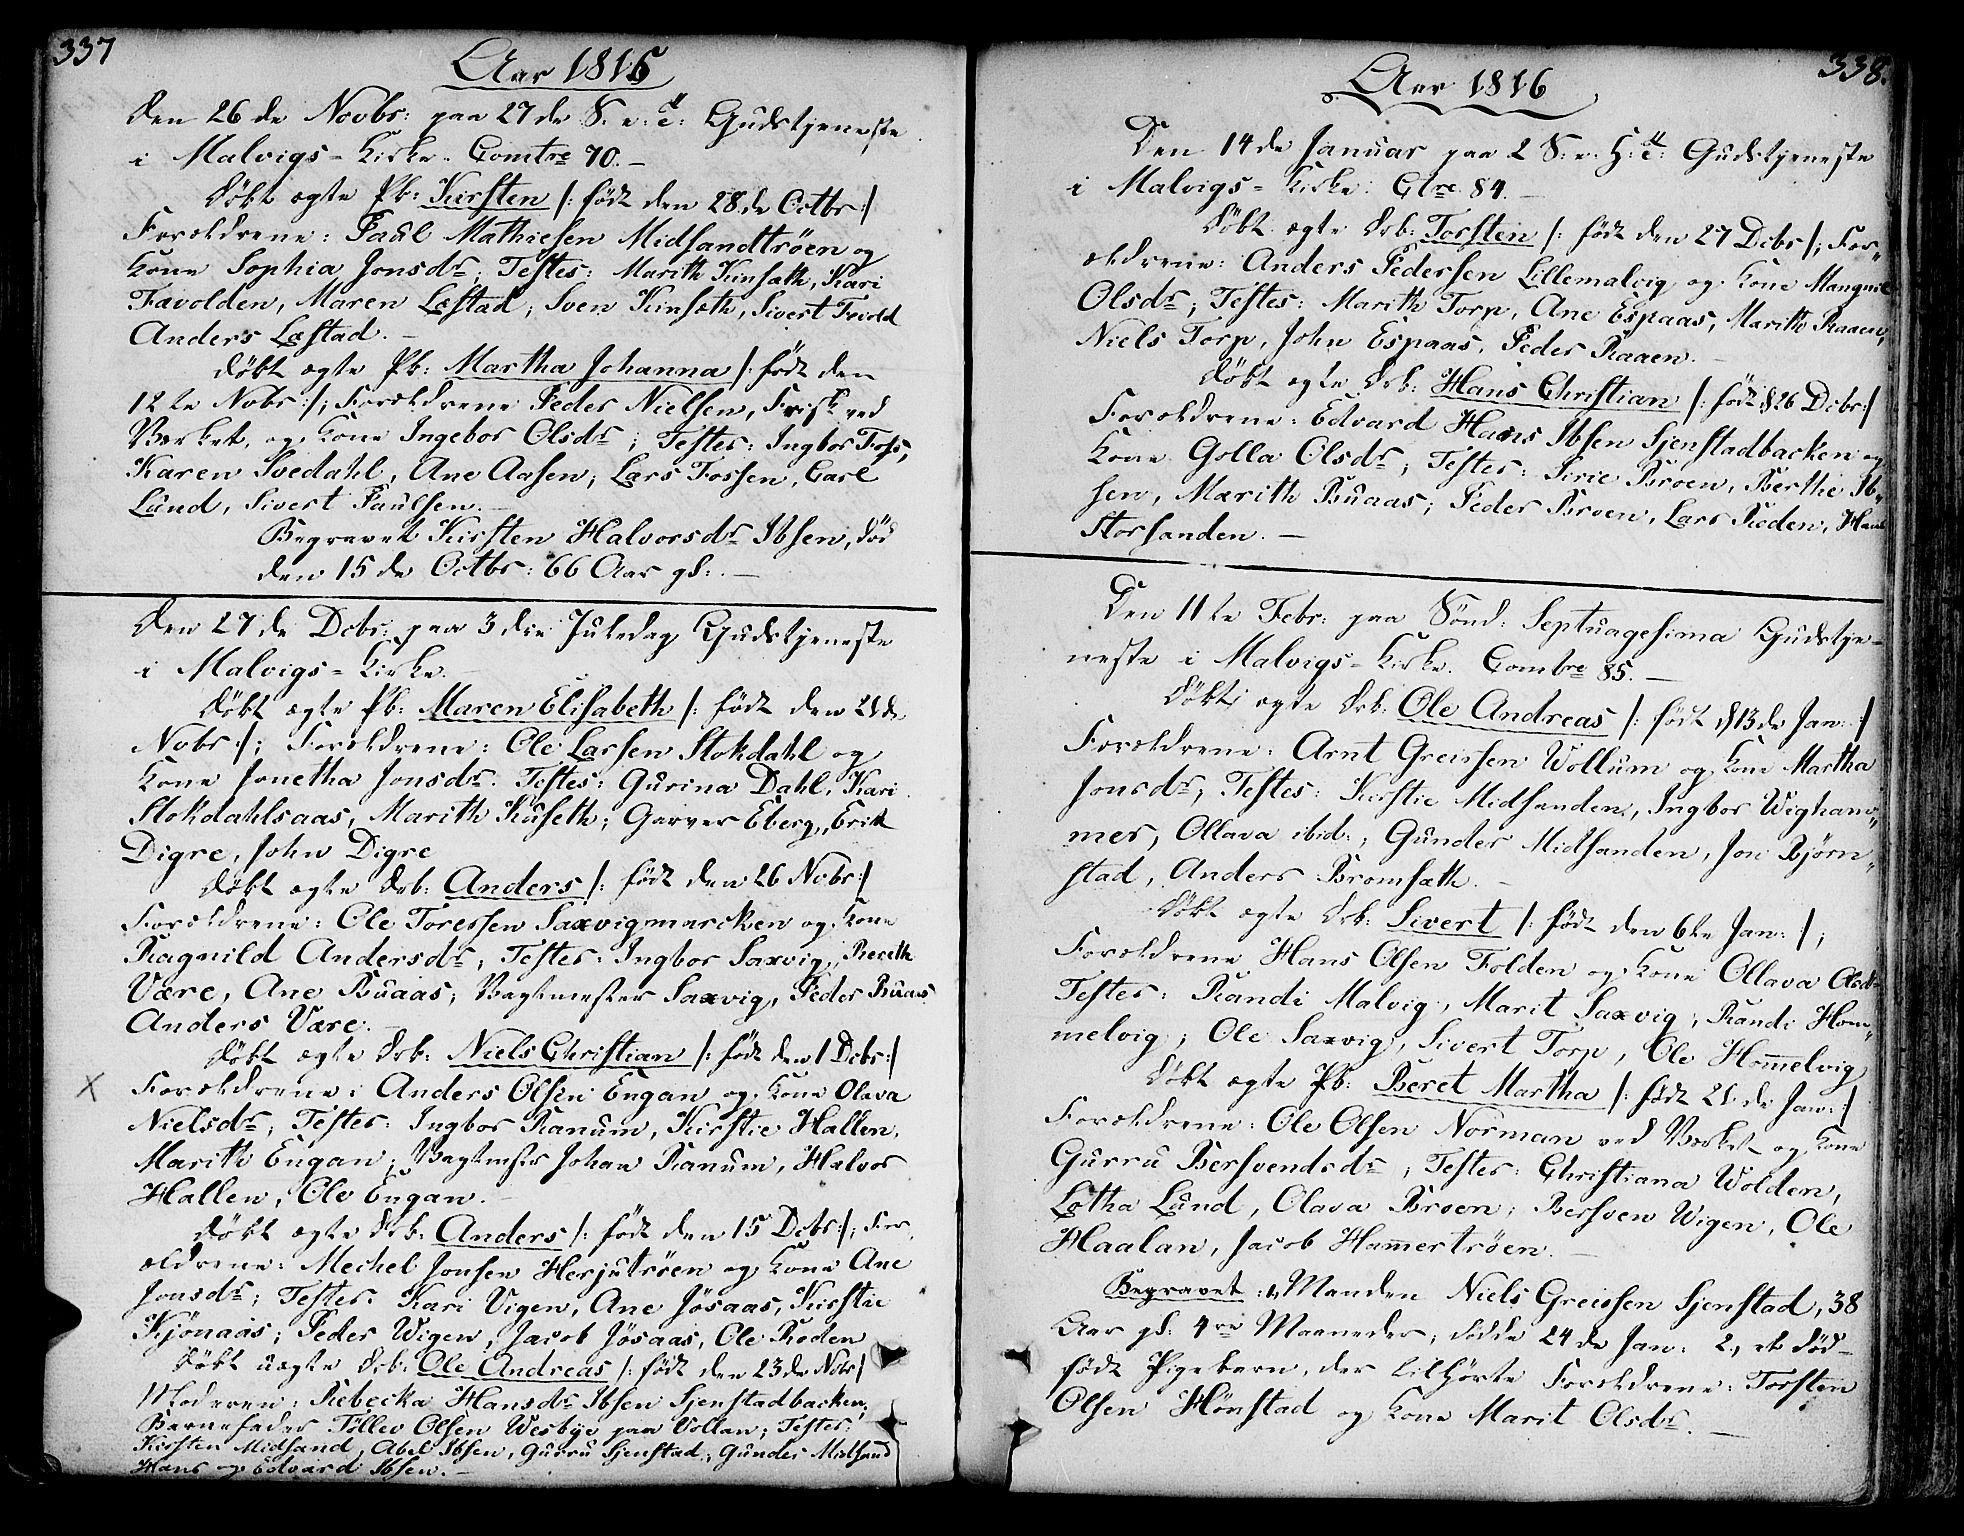 SAT, Ministerialprotokoller, klokkerbøker og fødselsregistre - Sør-Trøndelag, 606/L0281: Ministerialbok nr. 606A02 /2, 1781-1817, s. 337-338